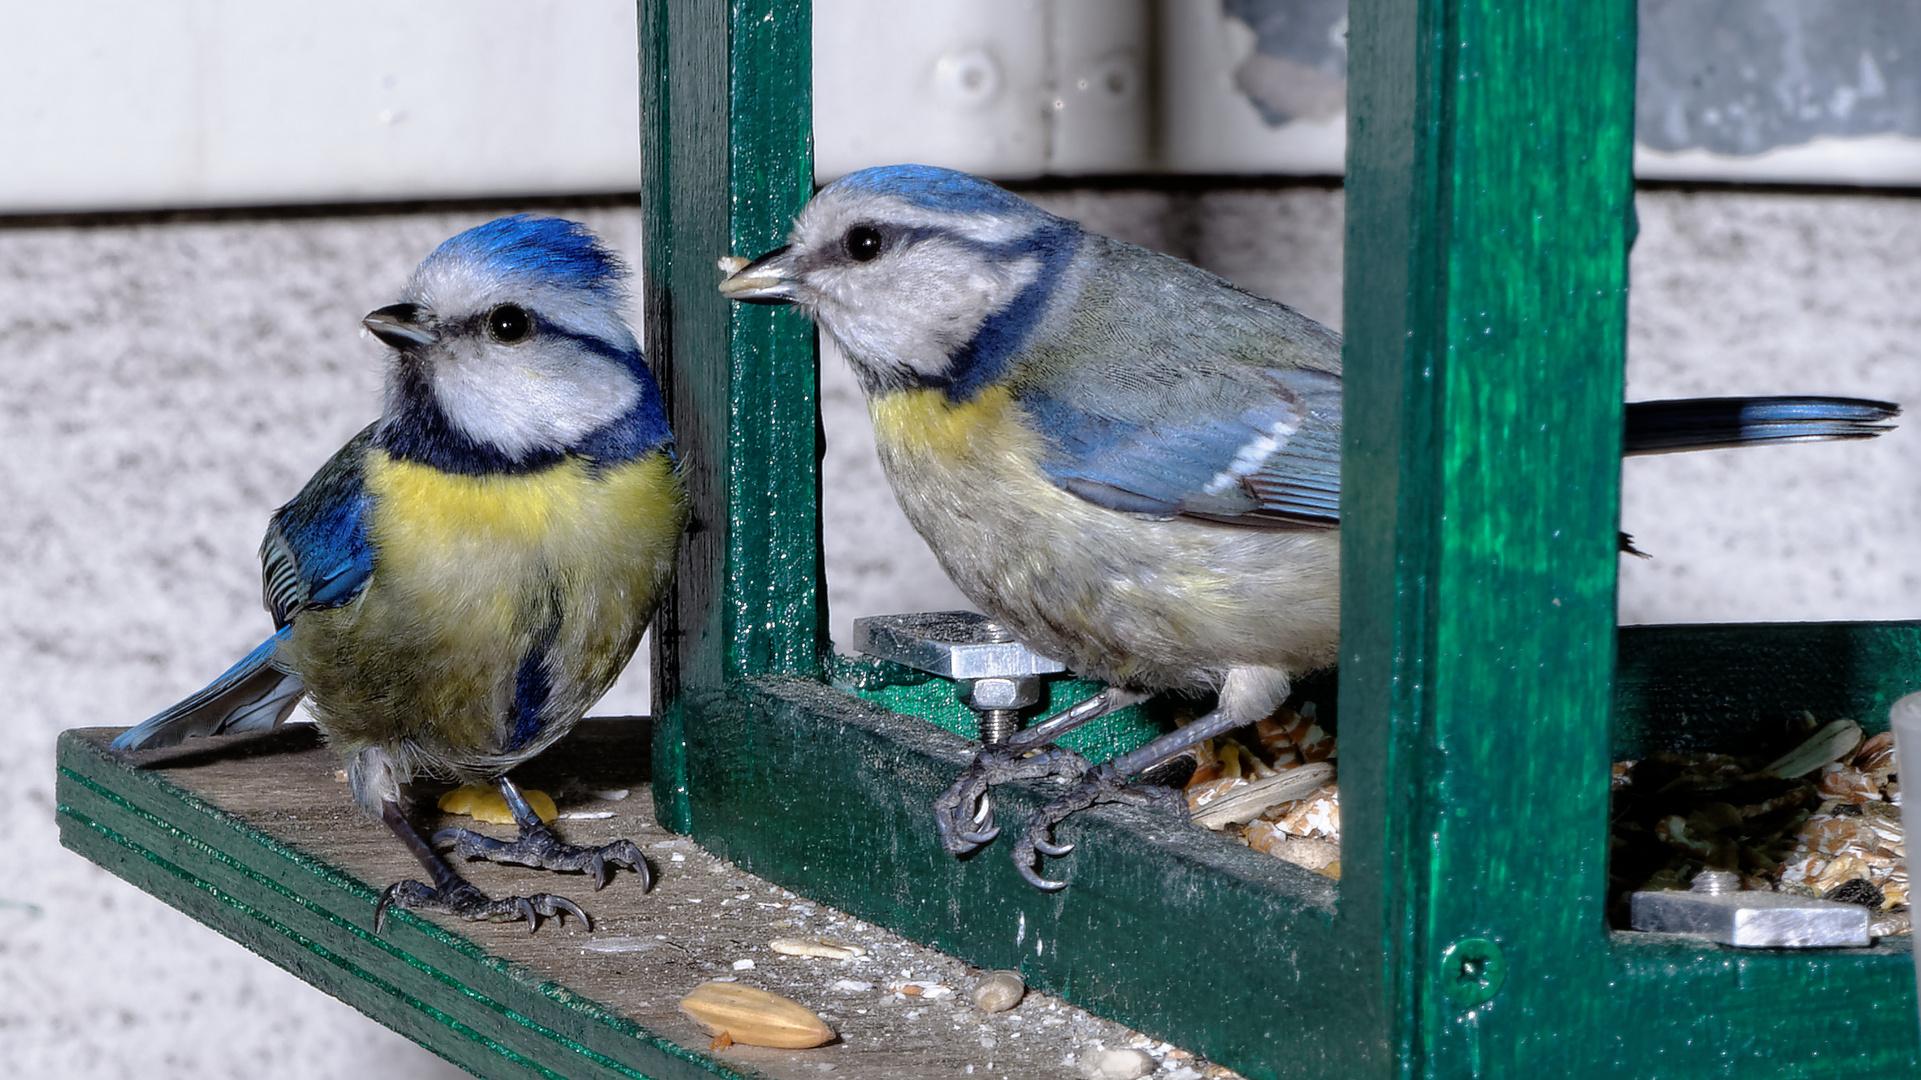 Blaumeisenpärchen am Vogelhaus